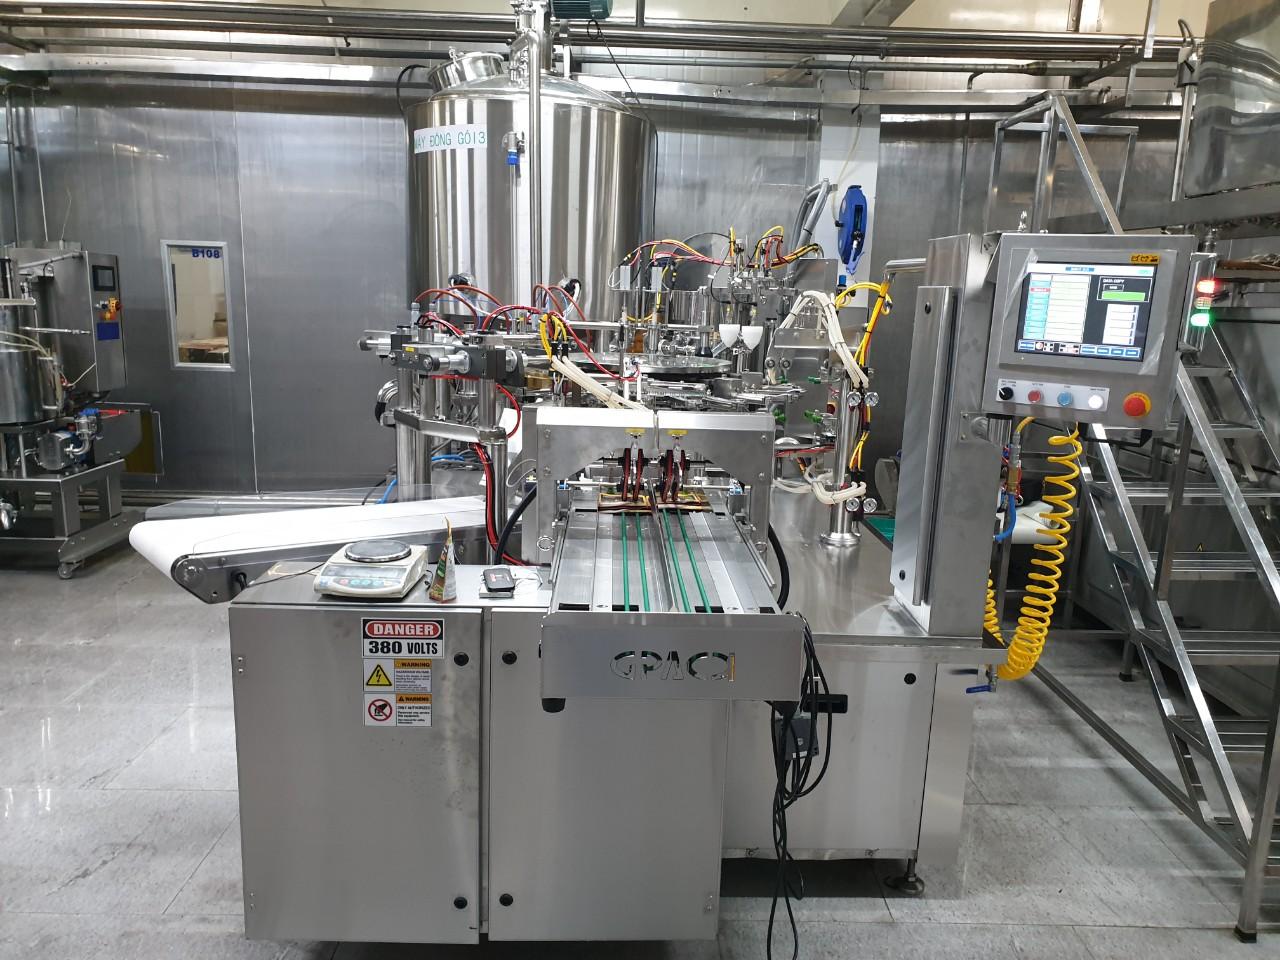 Máy đóng túi tiệt trùng tự động công suất 50 túi/phút